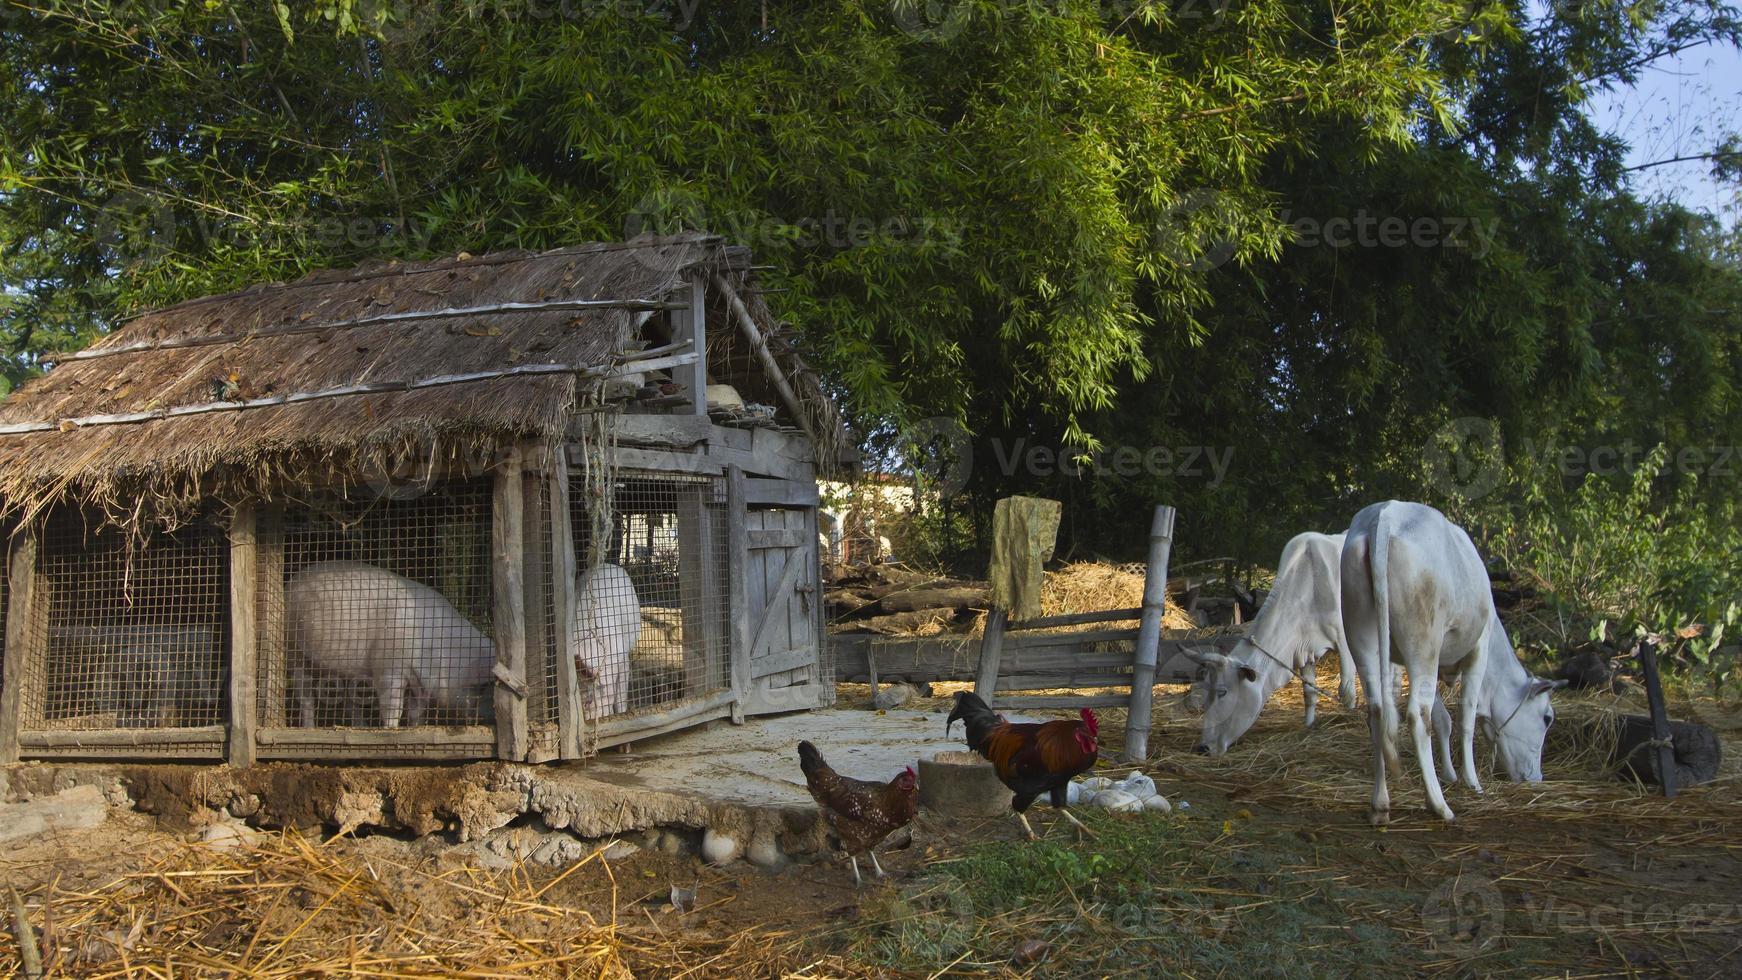 animais domésticos de fazenda em fazenda tradicional foto